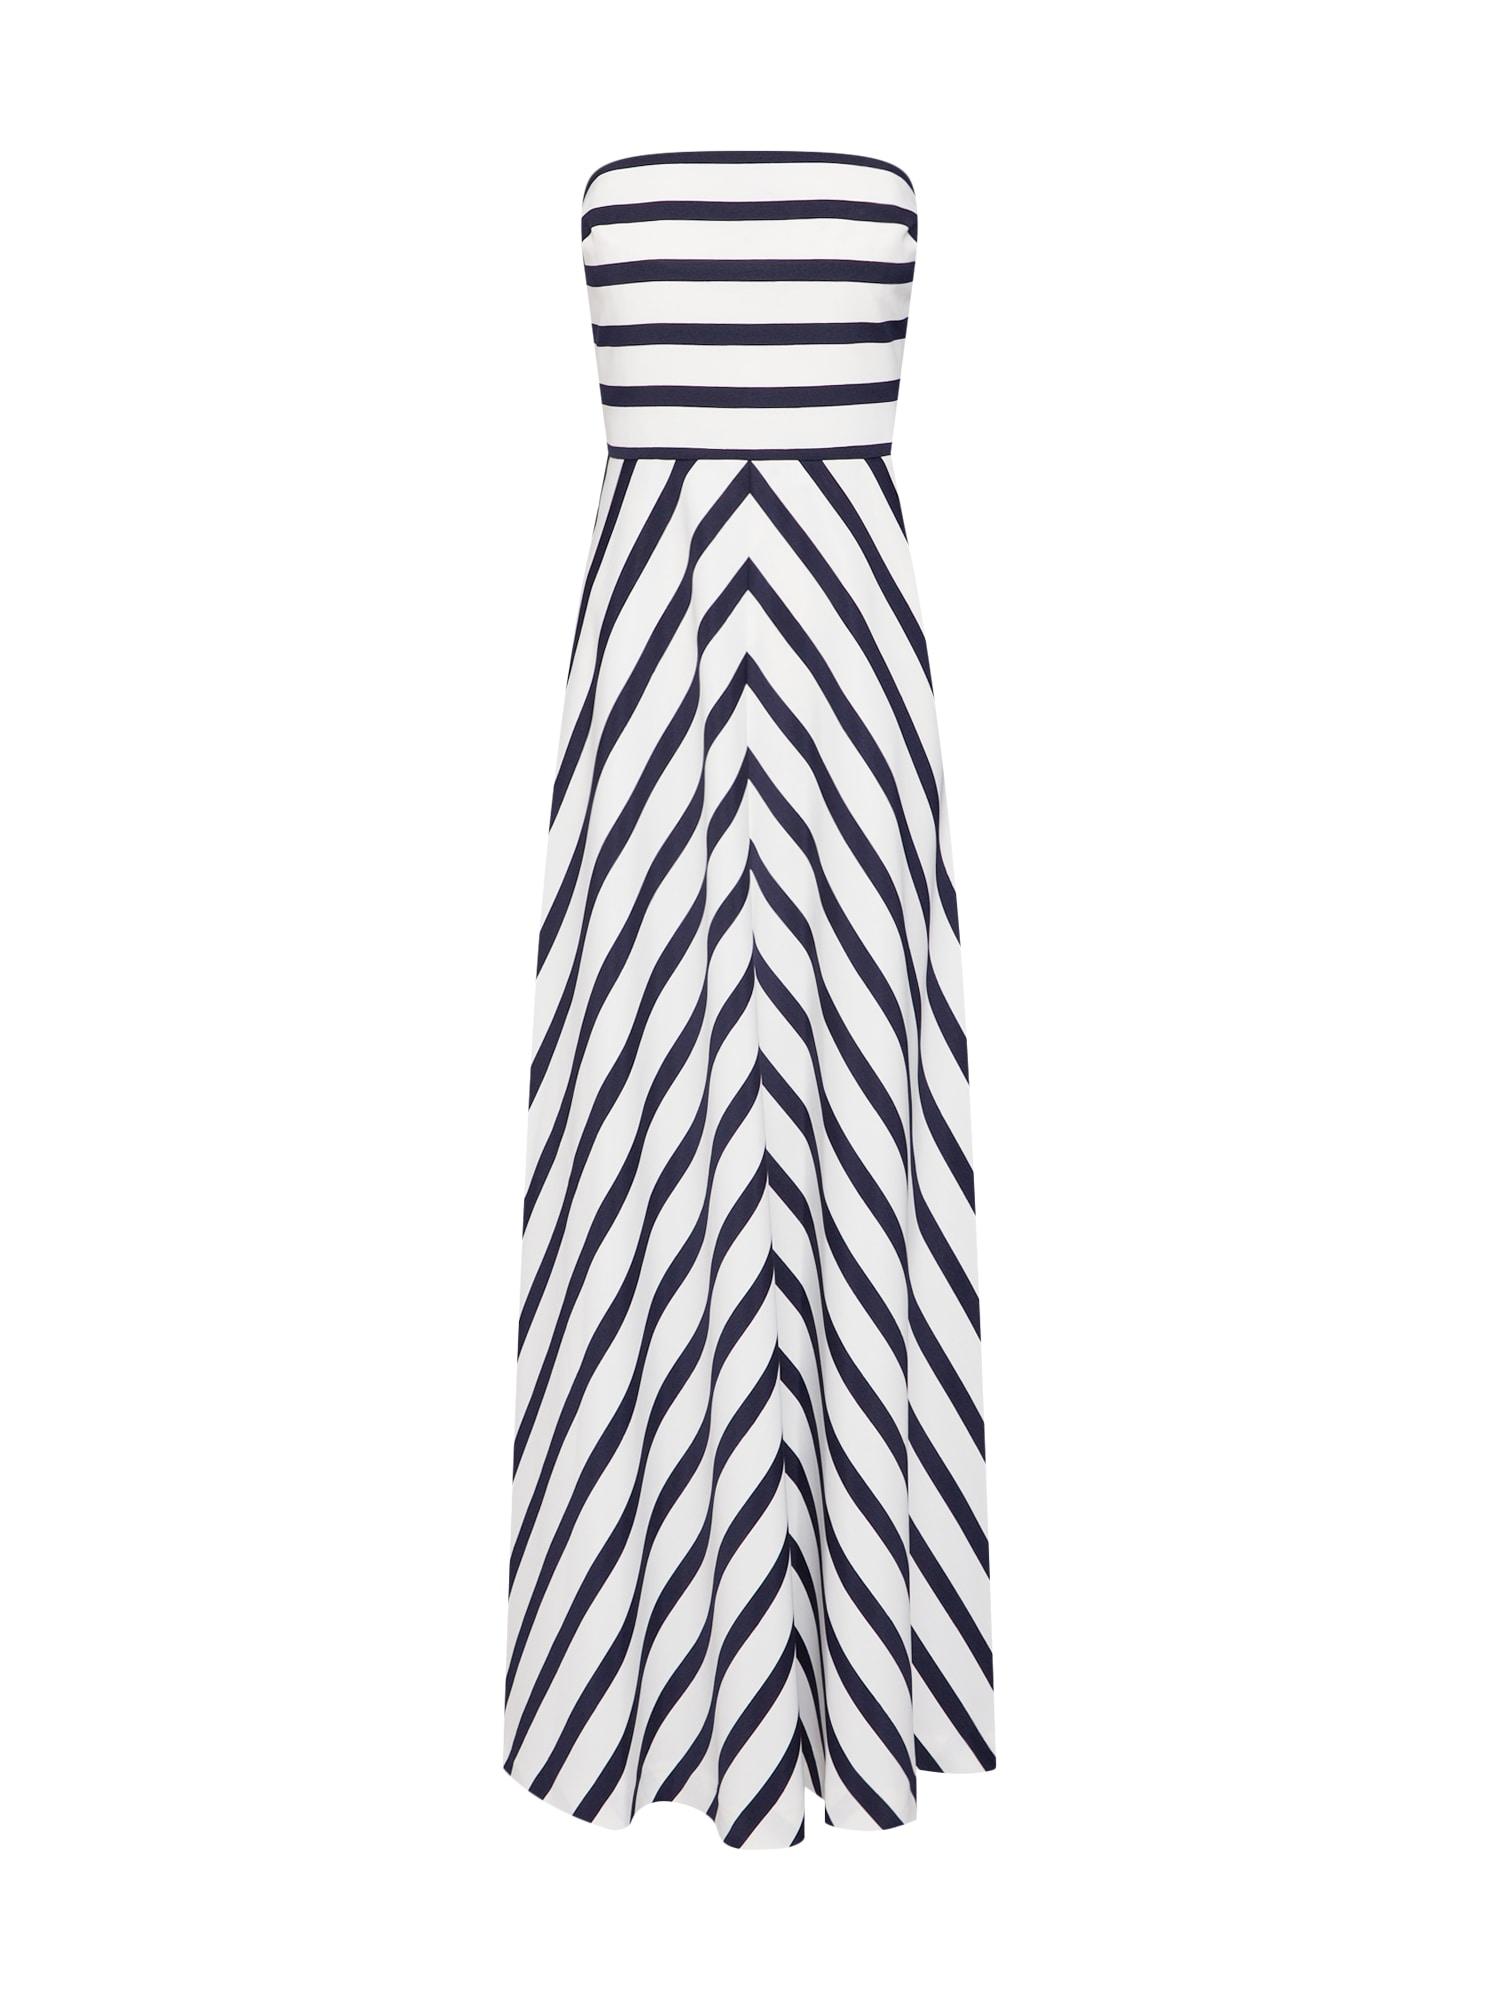 Společenské šaty BELLEMORE námořnická modř bílá Lauren Ralph Lauren